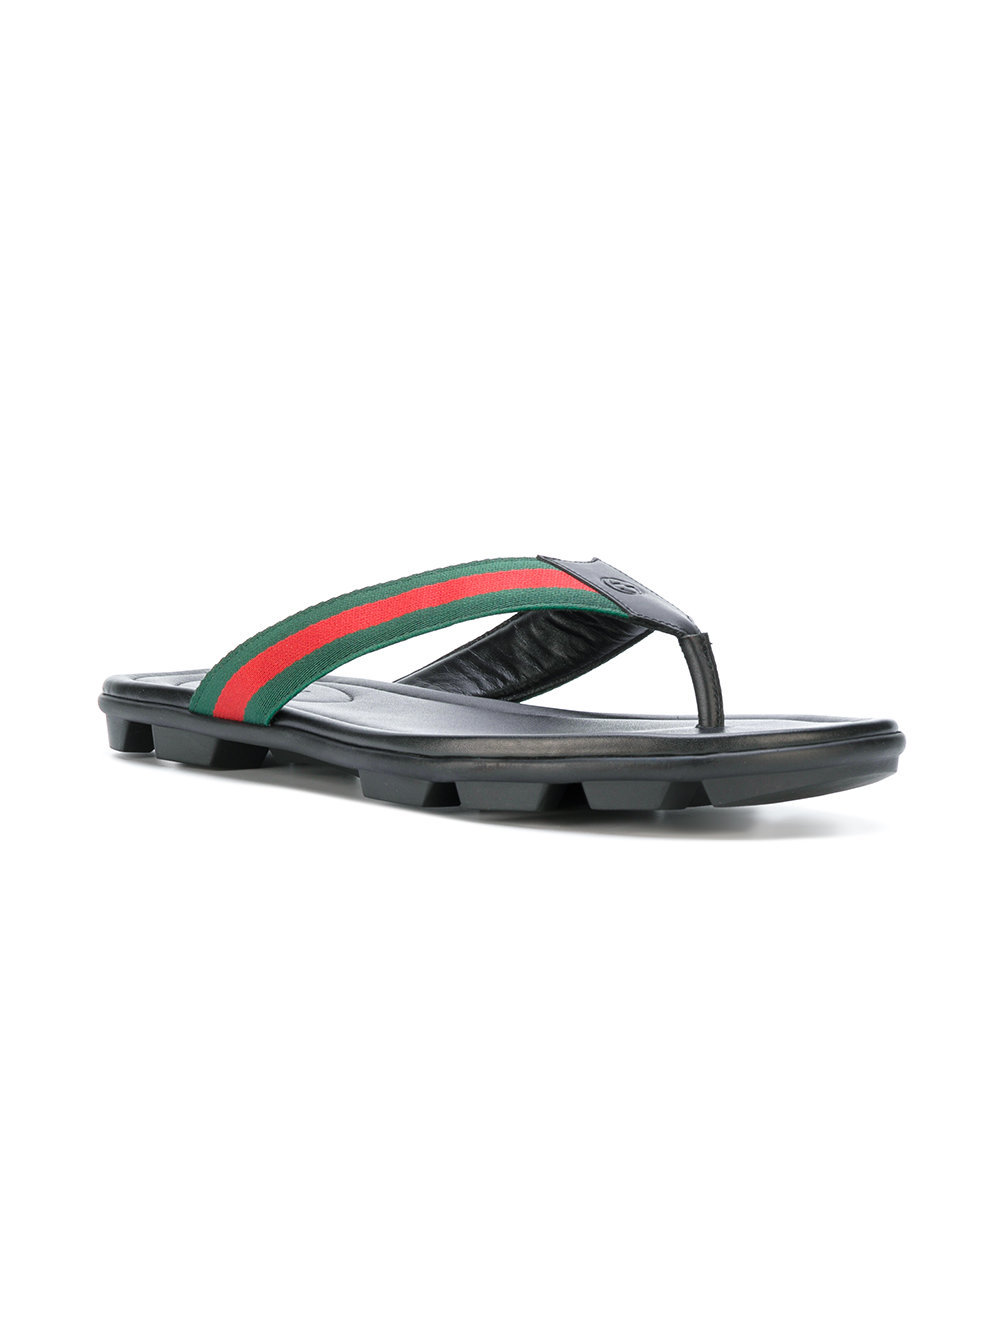 5a0d0143a71c34 Gucci Web Trim Flip Flops